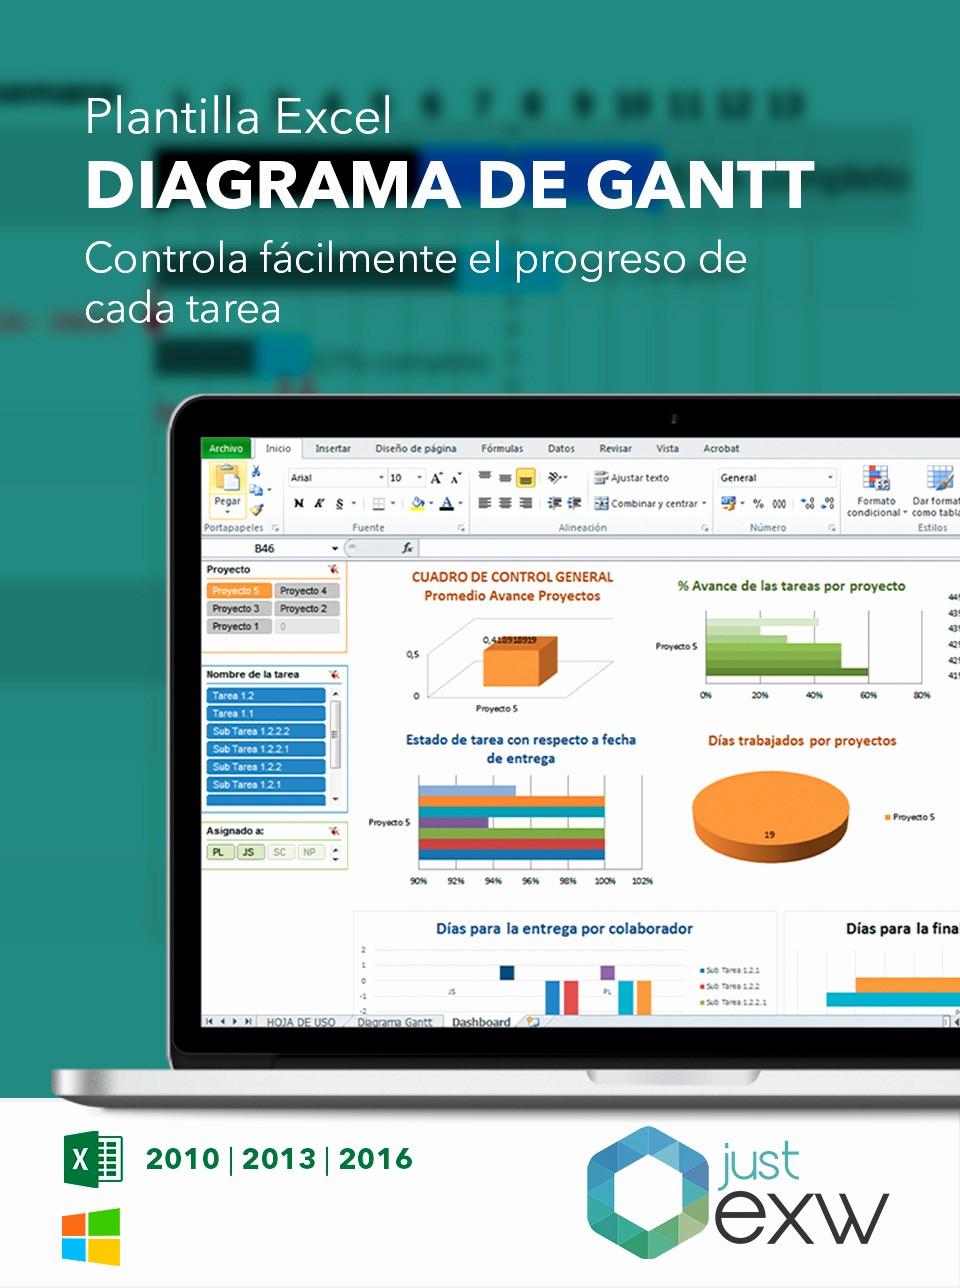 Cronogramas De Actividades En Excel Elegant Cronogramas De Actividades En Excel Hospiiseworks